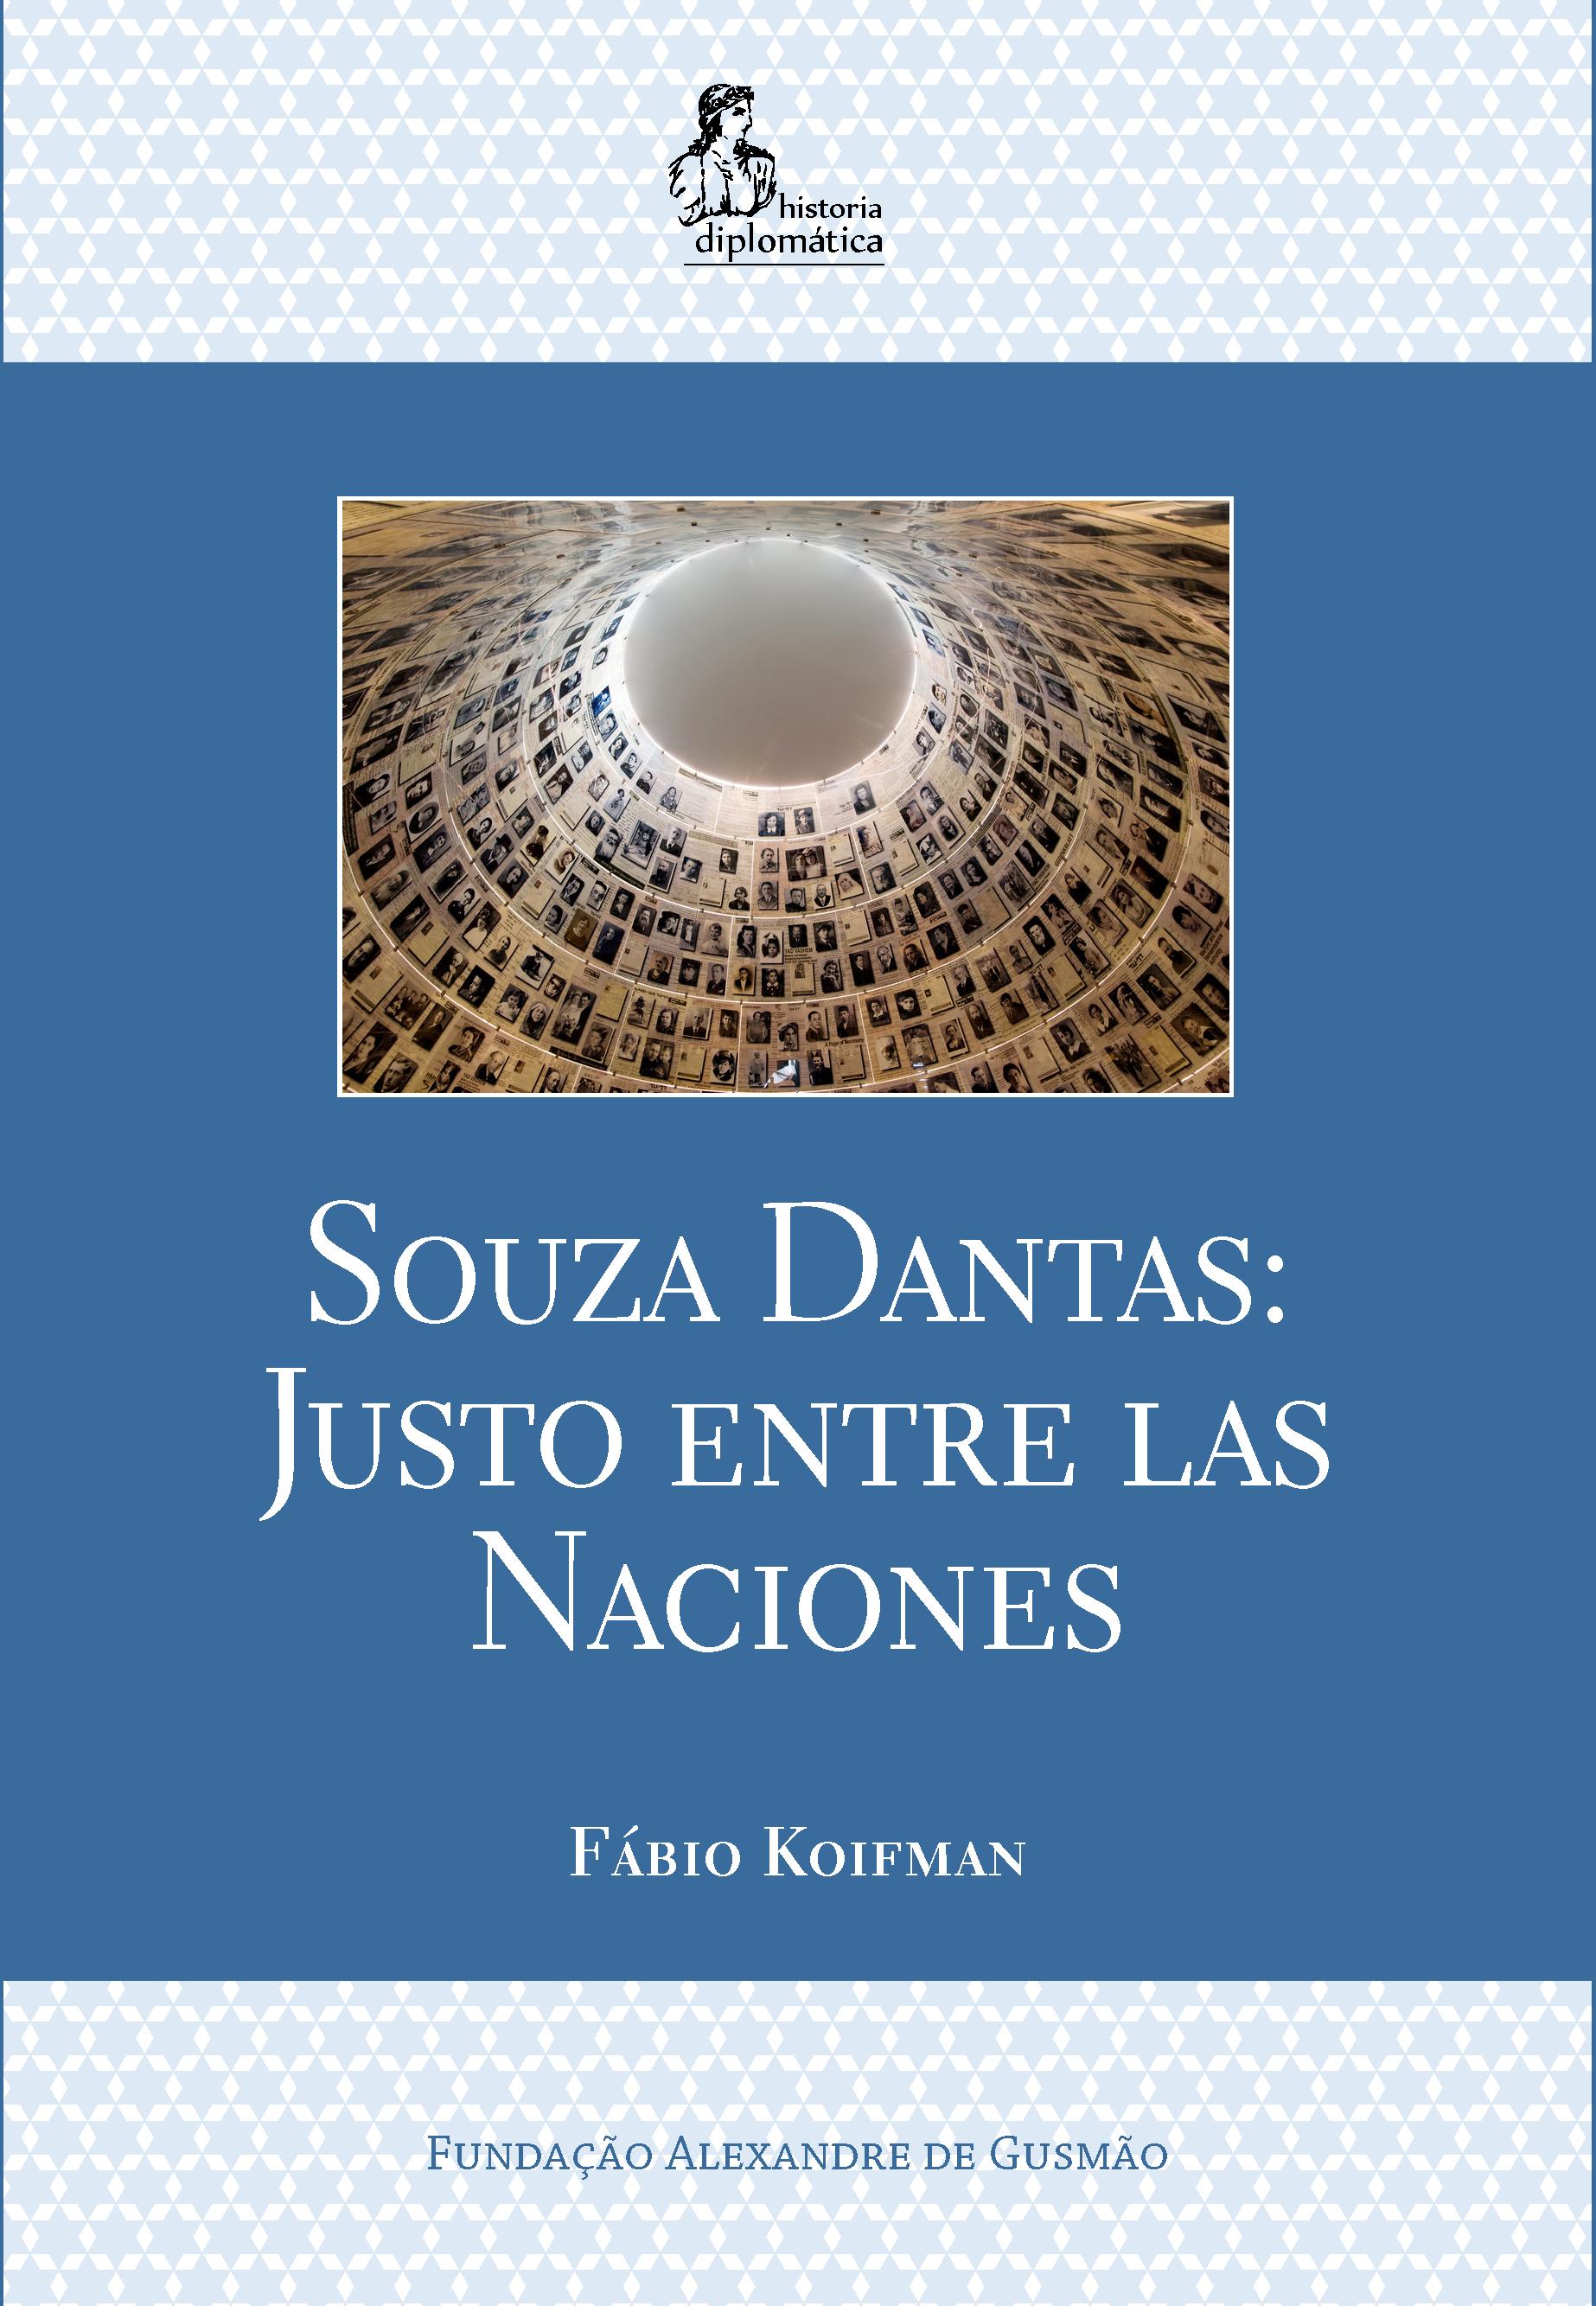 Souza Dantas: Justo entre las Naciones